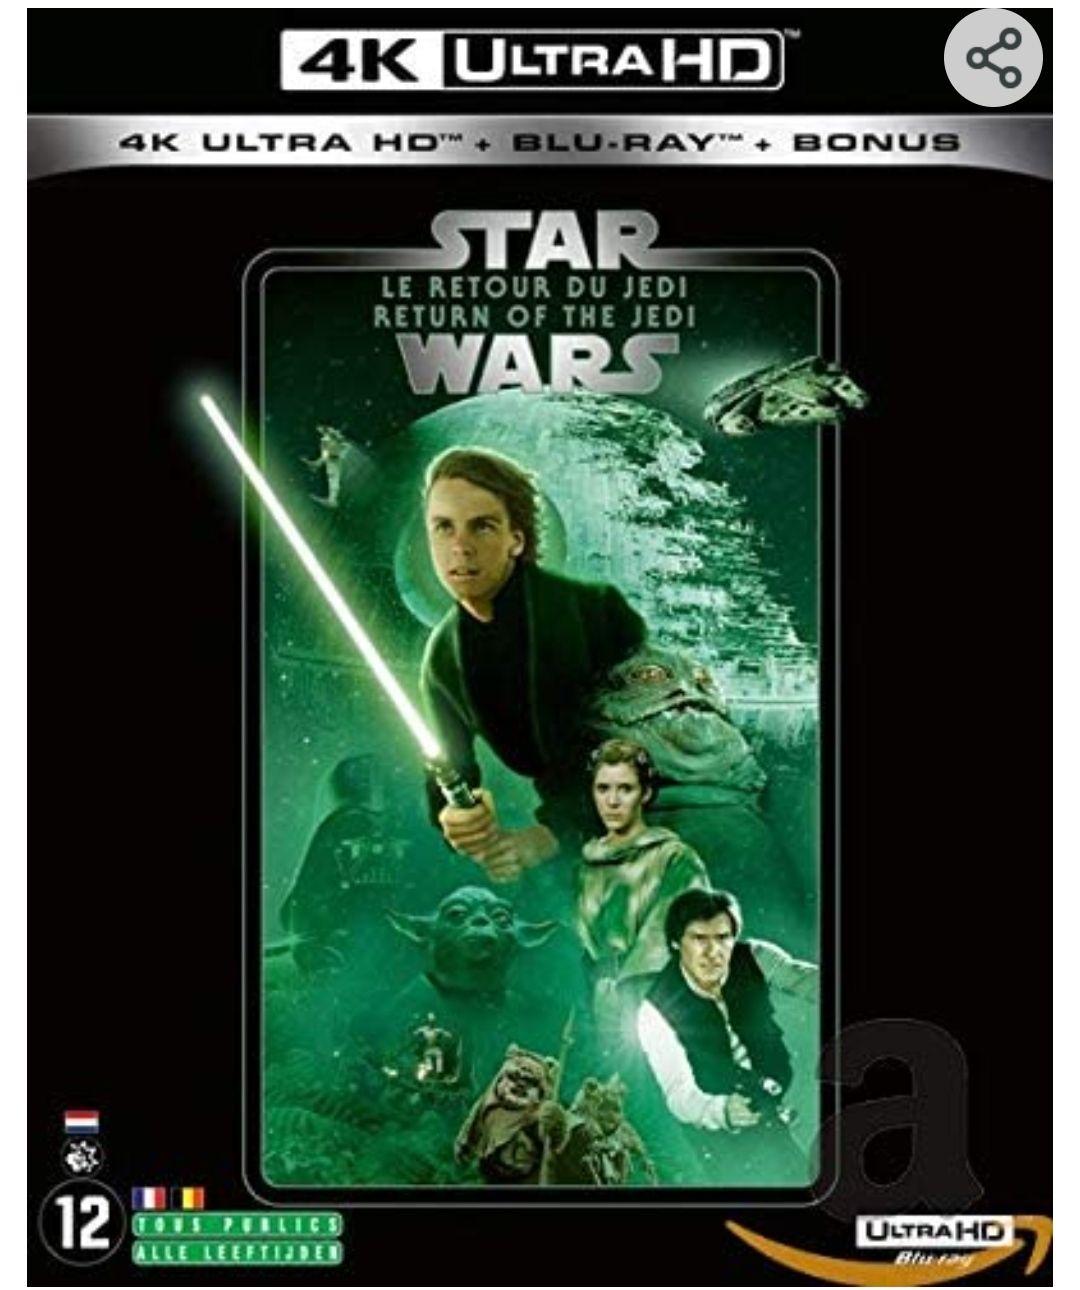 Coffret Blu-ray 4K UHD + Blu-ray + Bonus Star Wars Episode VI - Le Retour du Jedi